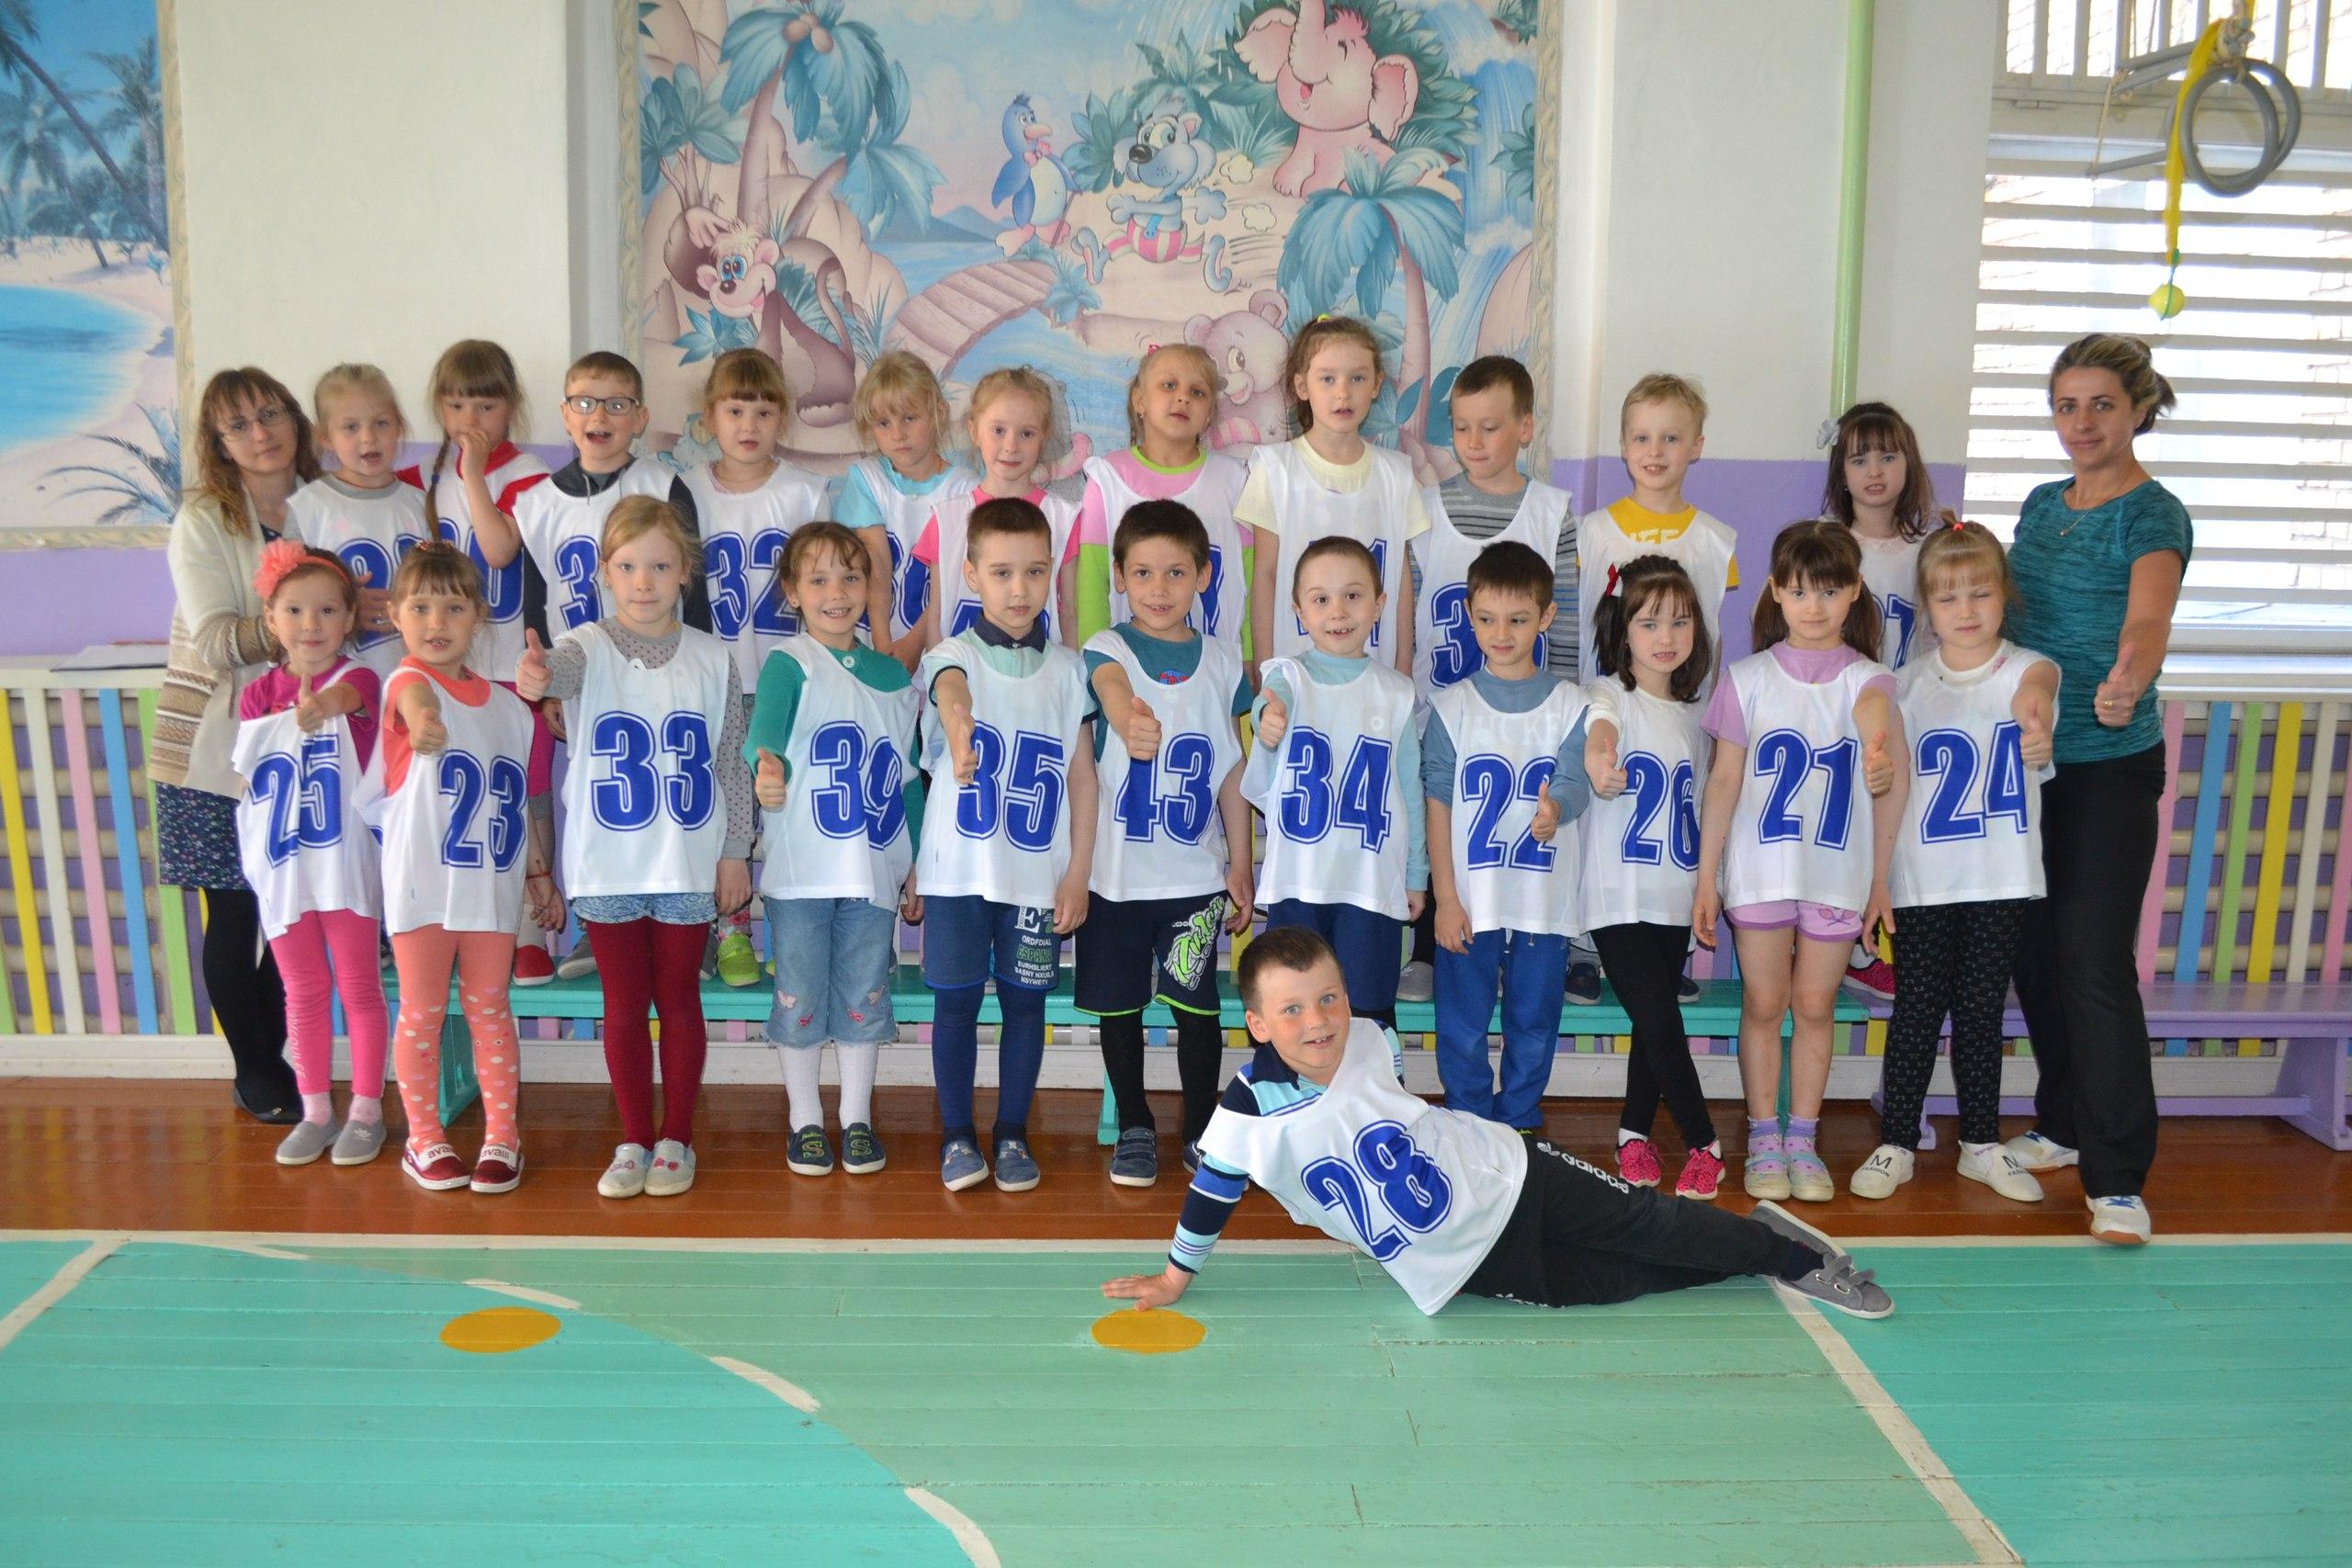 В течение первого полугодия 2018 года 56 удорских дошкольников из 3 детских садов и 1 дошкольной группы при общеобразовательной организации присоединились к движению ВФСК ГТО